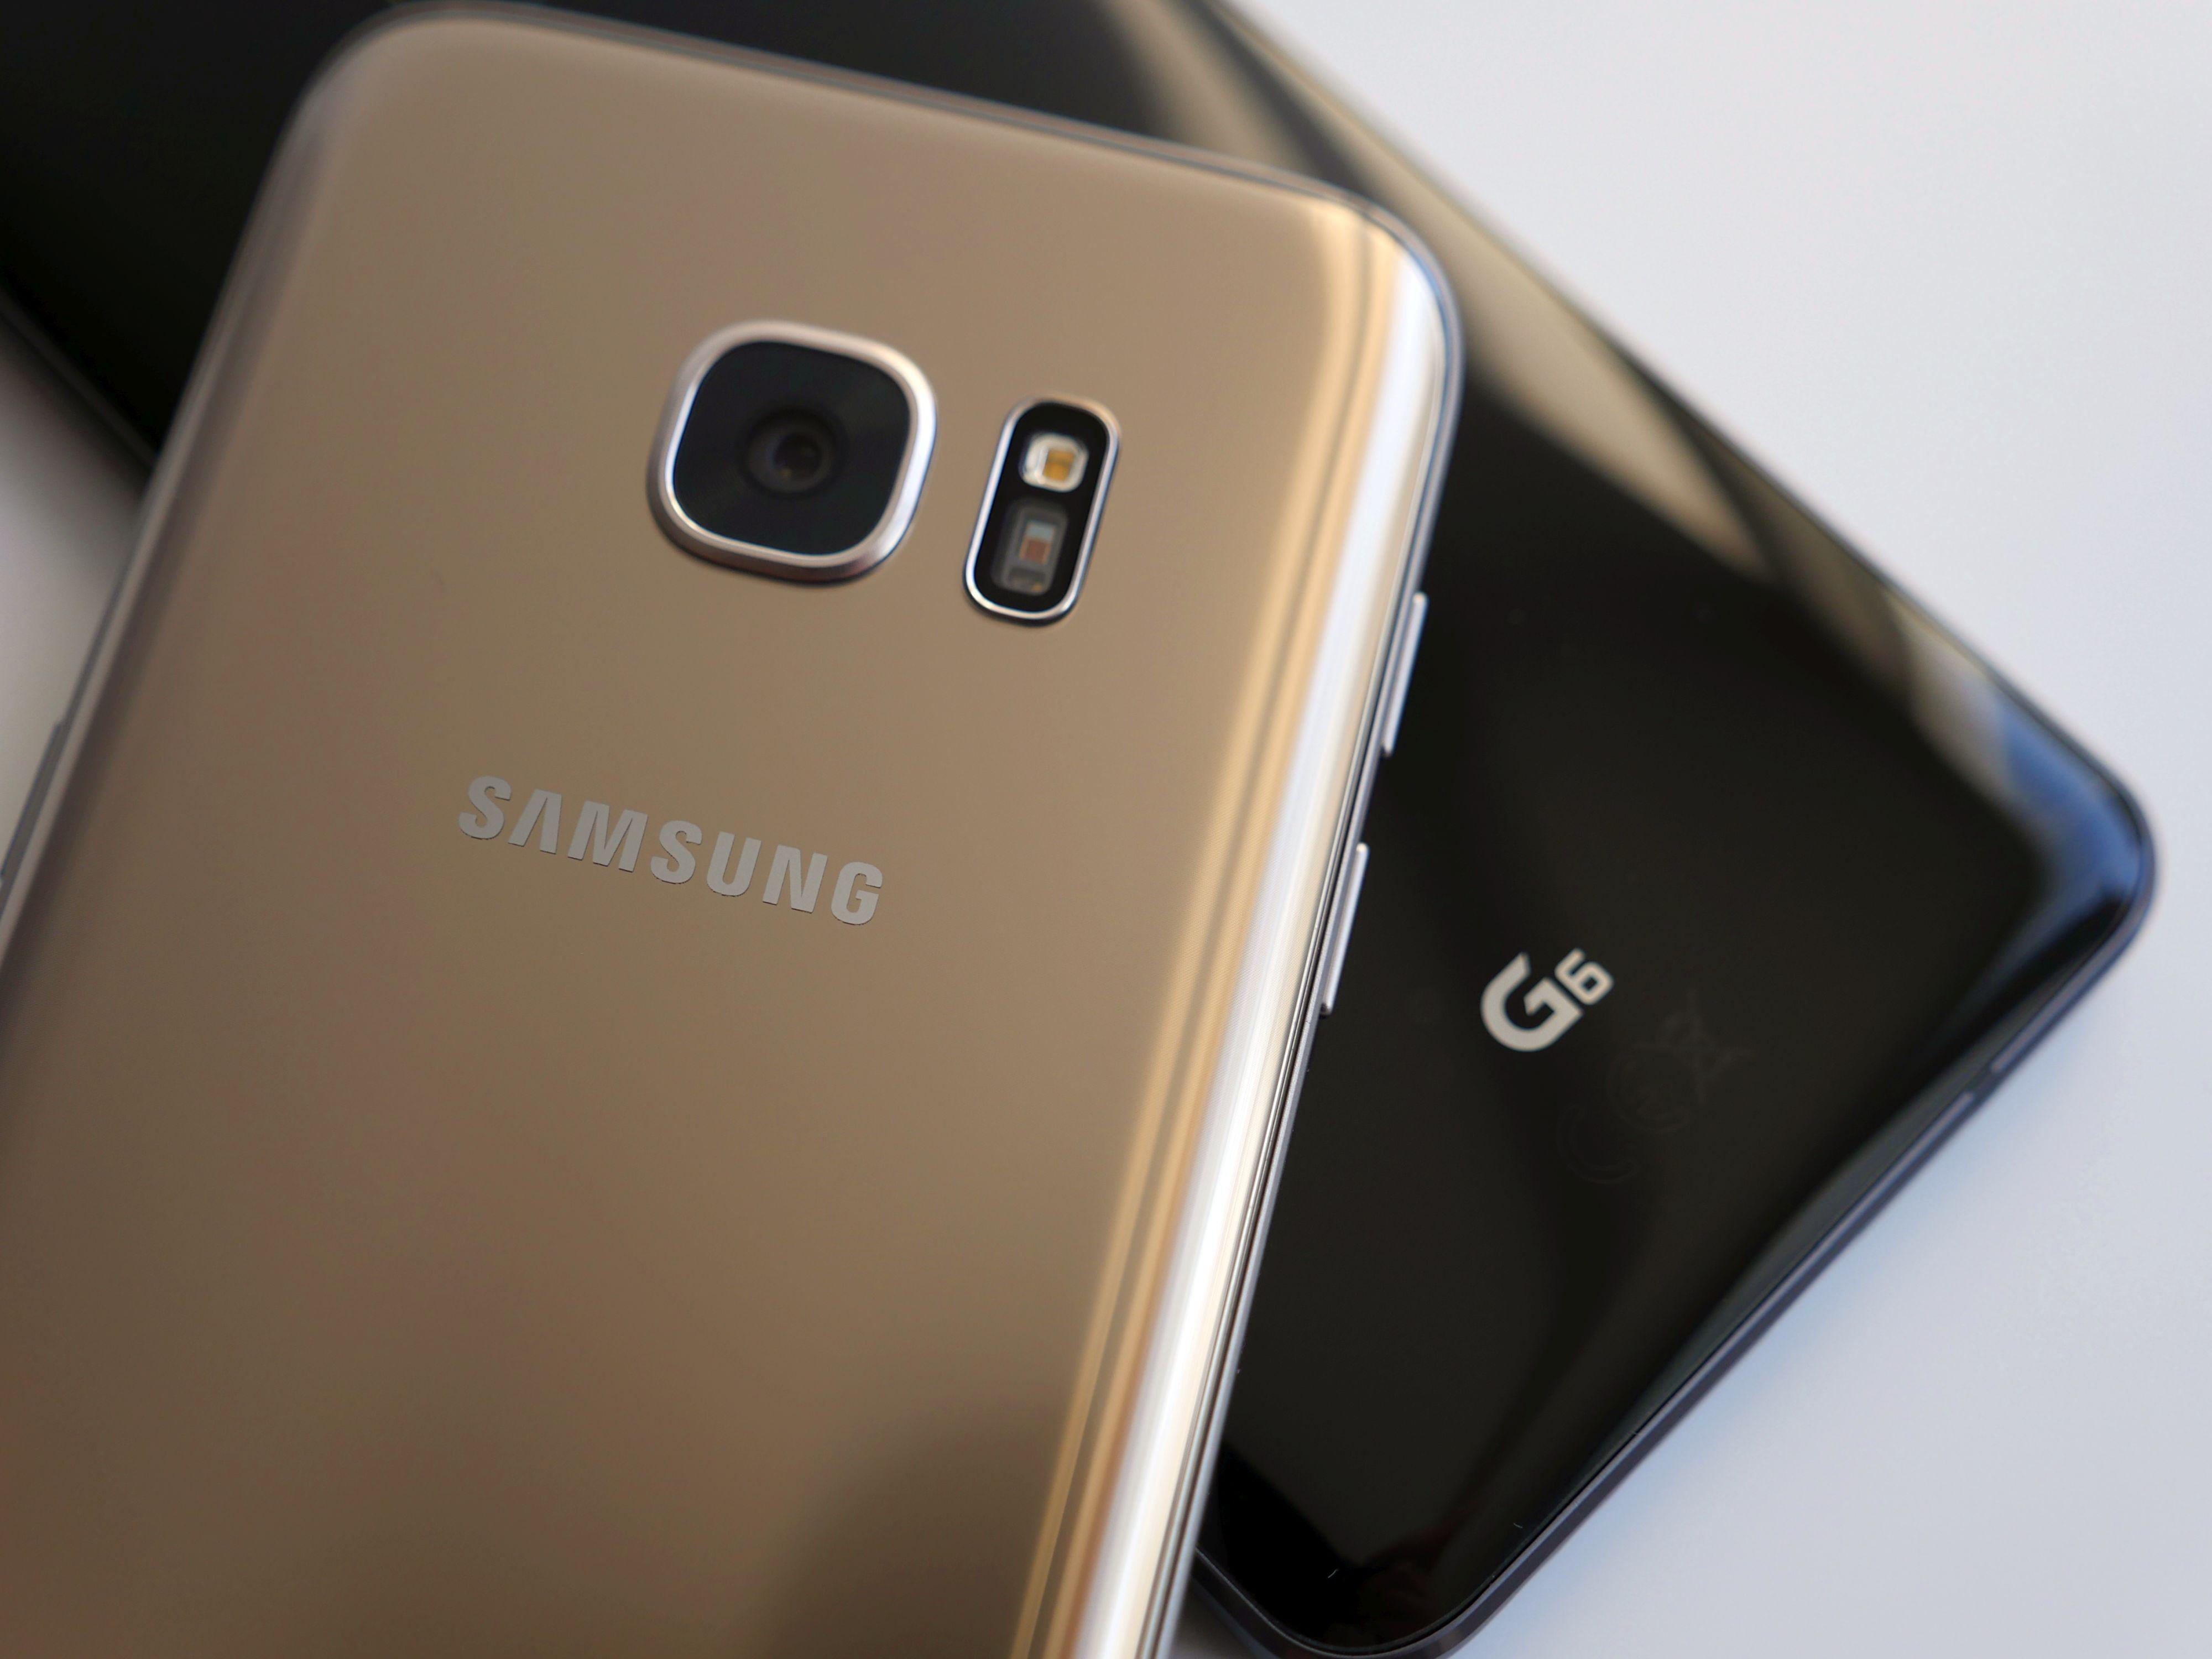 Jak wypada zeszłoroczny flagowiec Samsunga na tle tegorocznego flagowca LG? Porównanie: Samsung Galaxy S7 vs LG G6 20